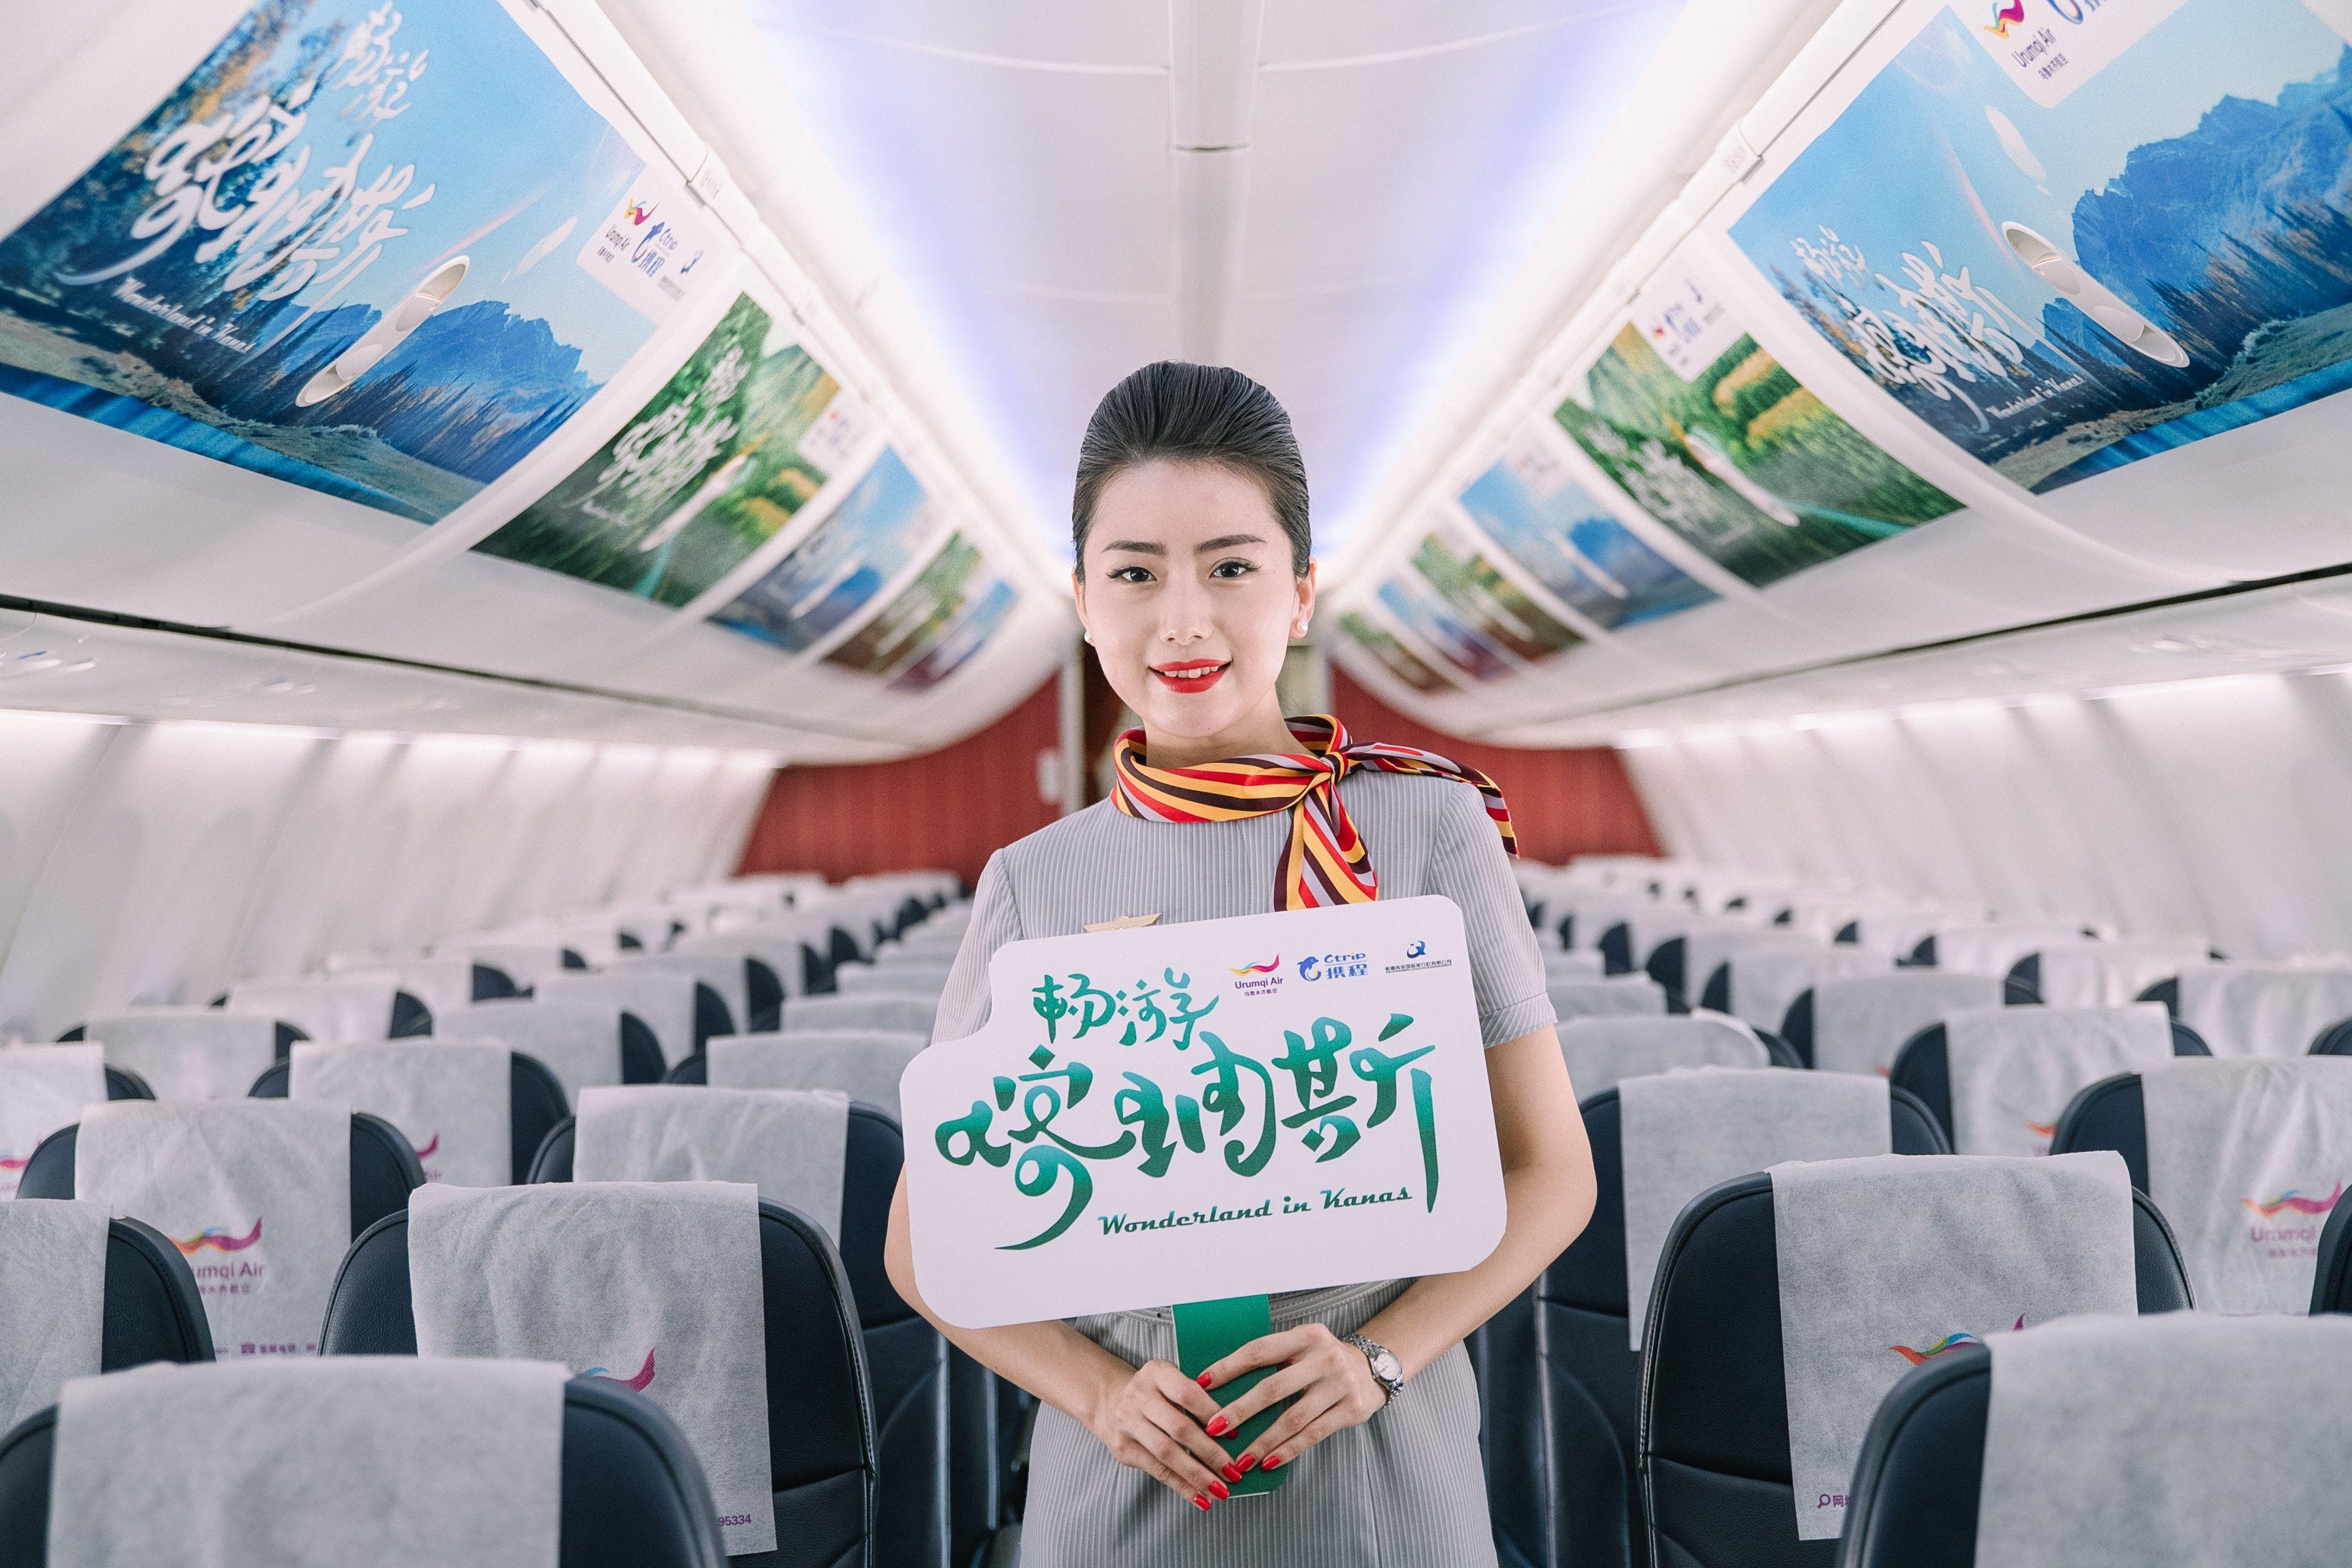 民航传播奖候选案例:乌鲁木齐航空x携程畅游喀纳斯体验营销